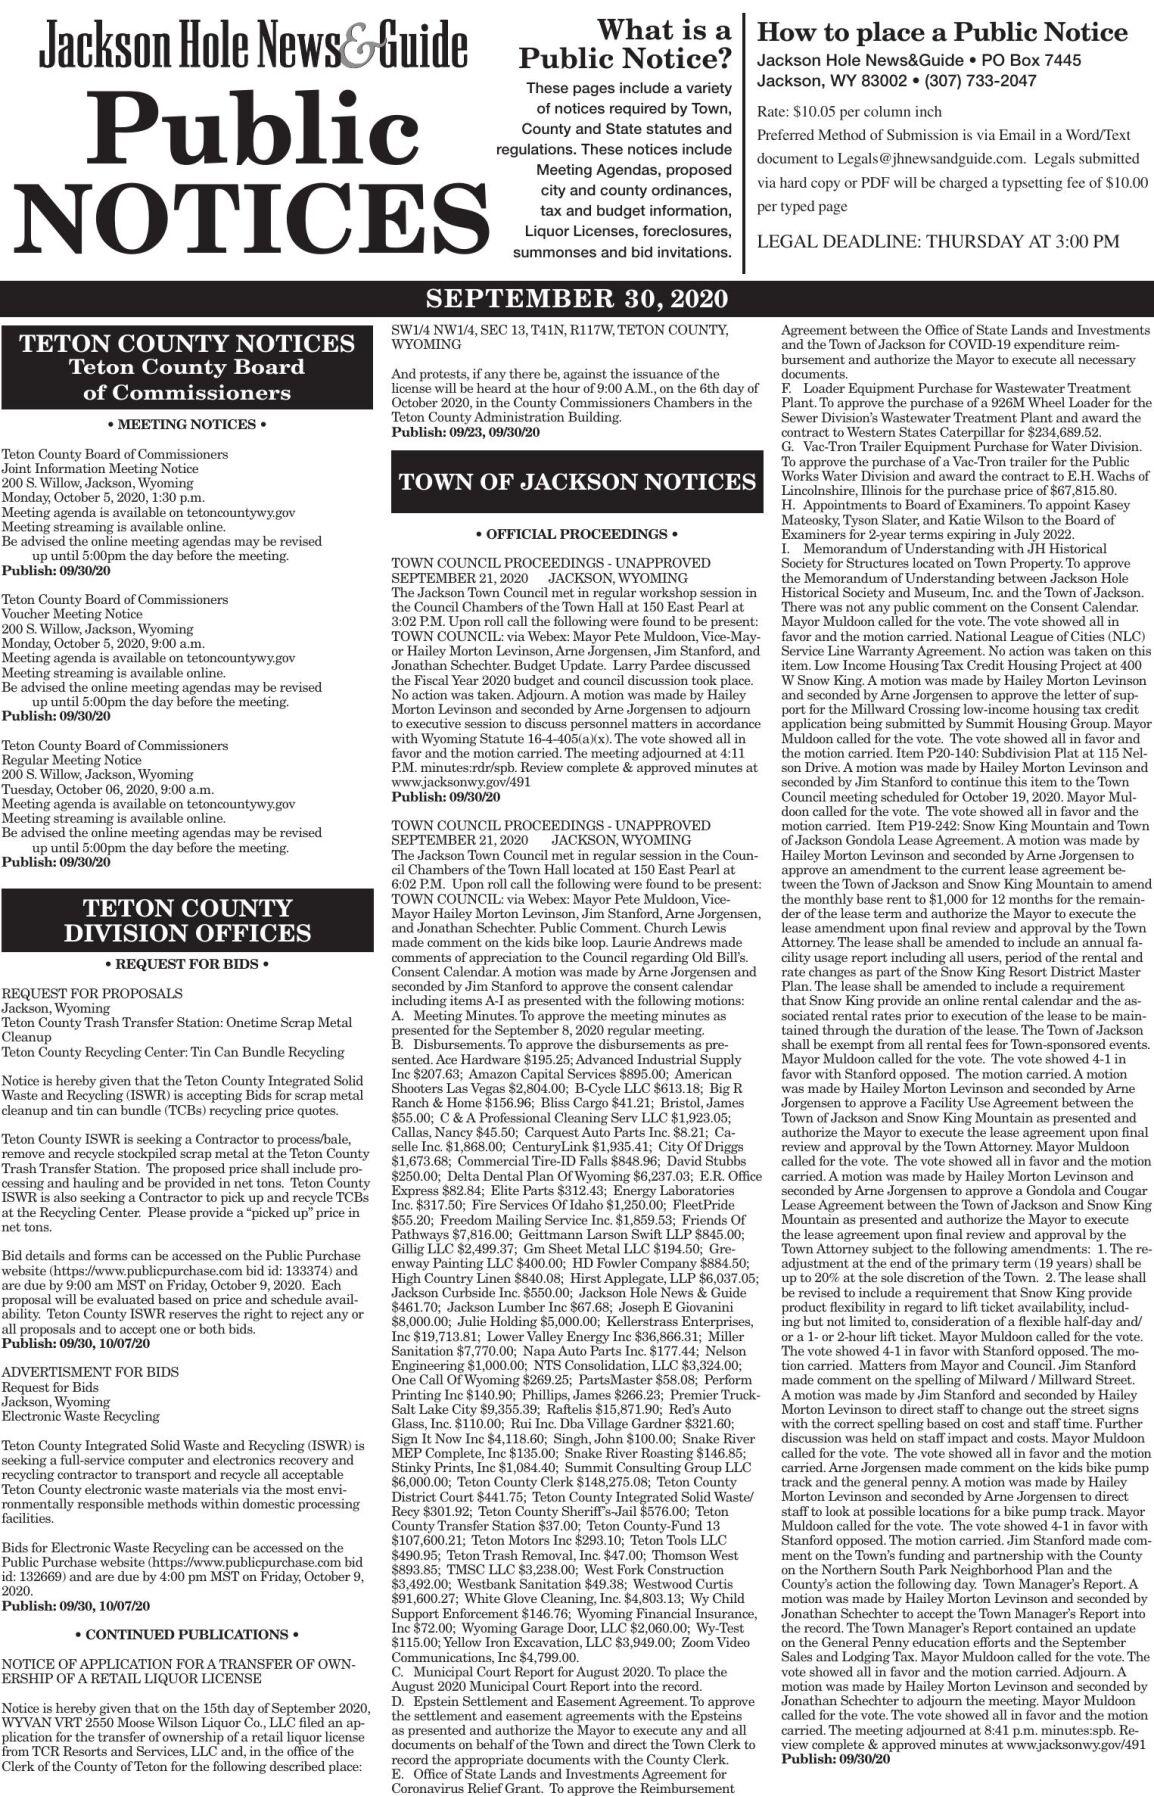 Public Notices, Sep.30 2020